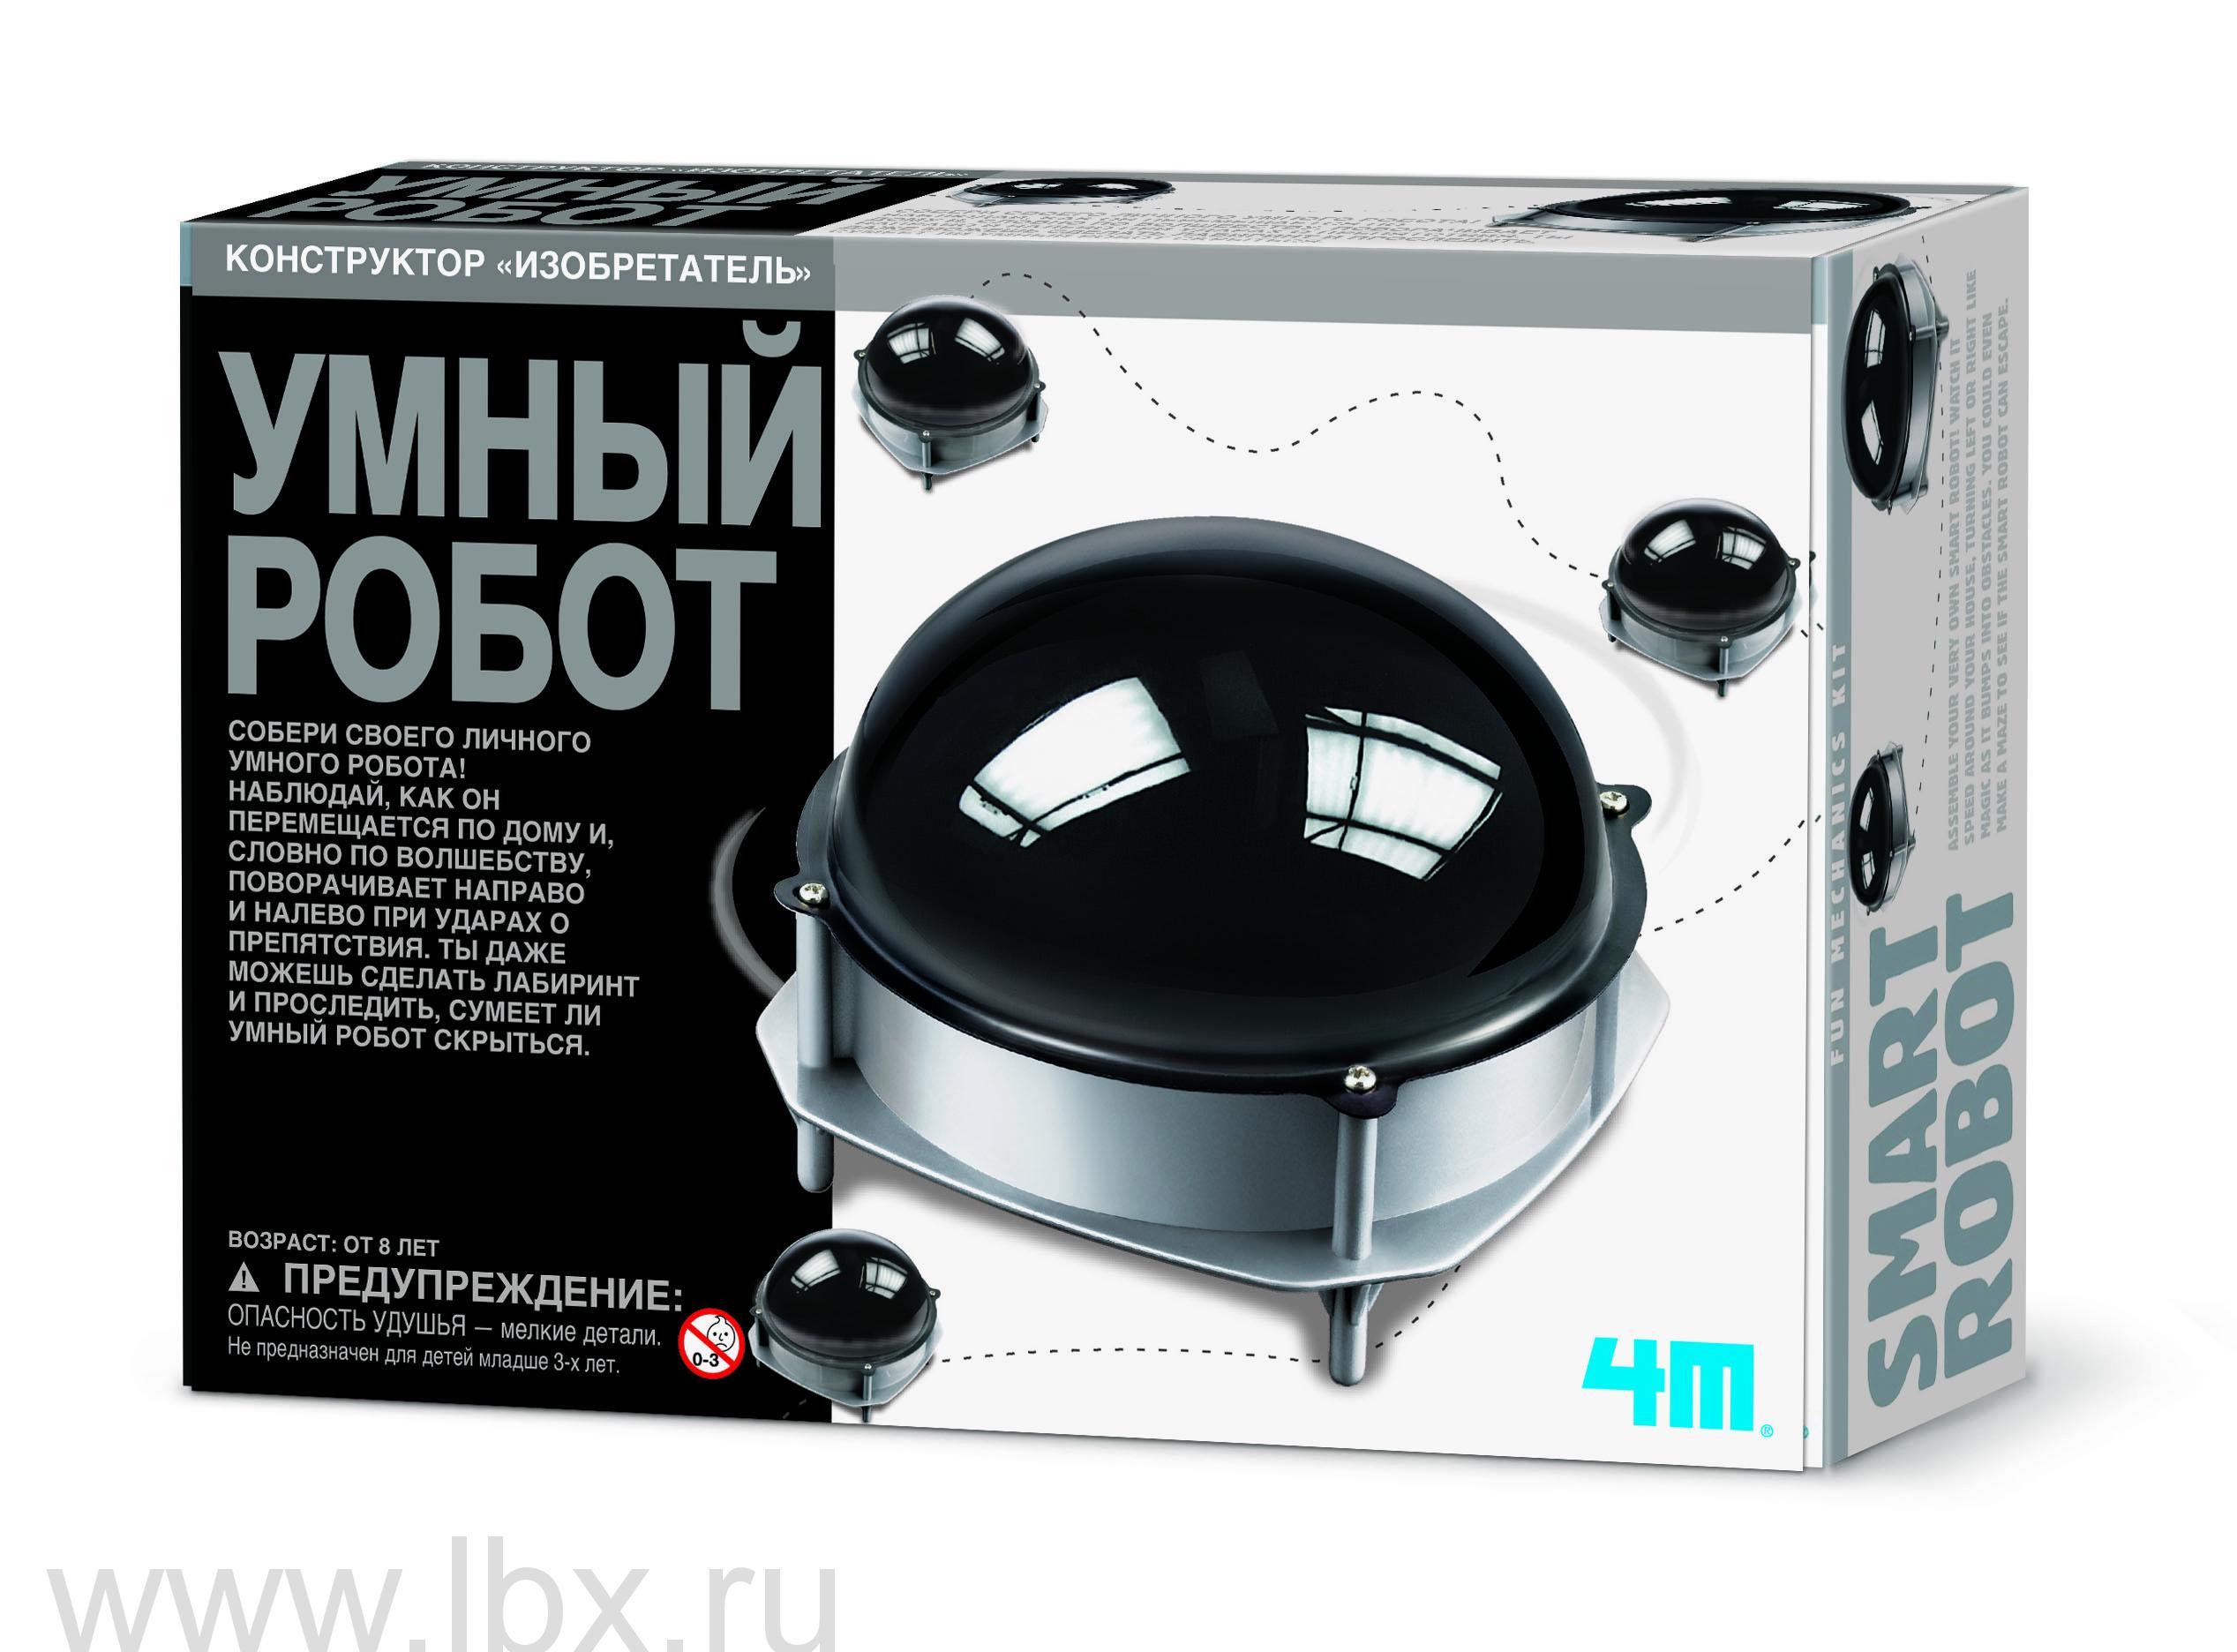 Набор `Умный робот` от 4М